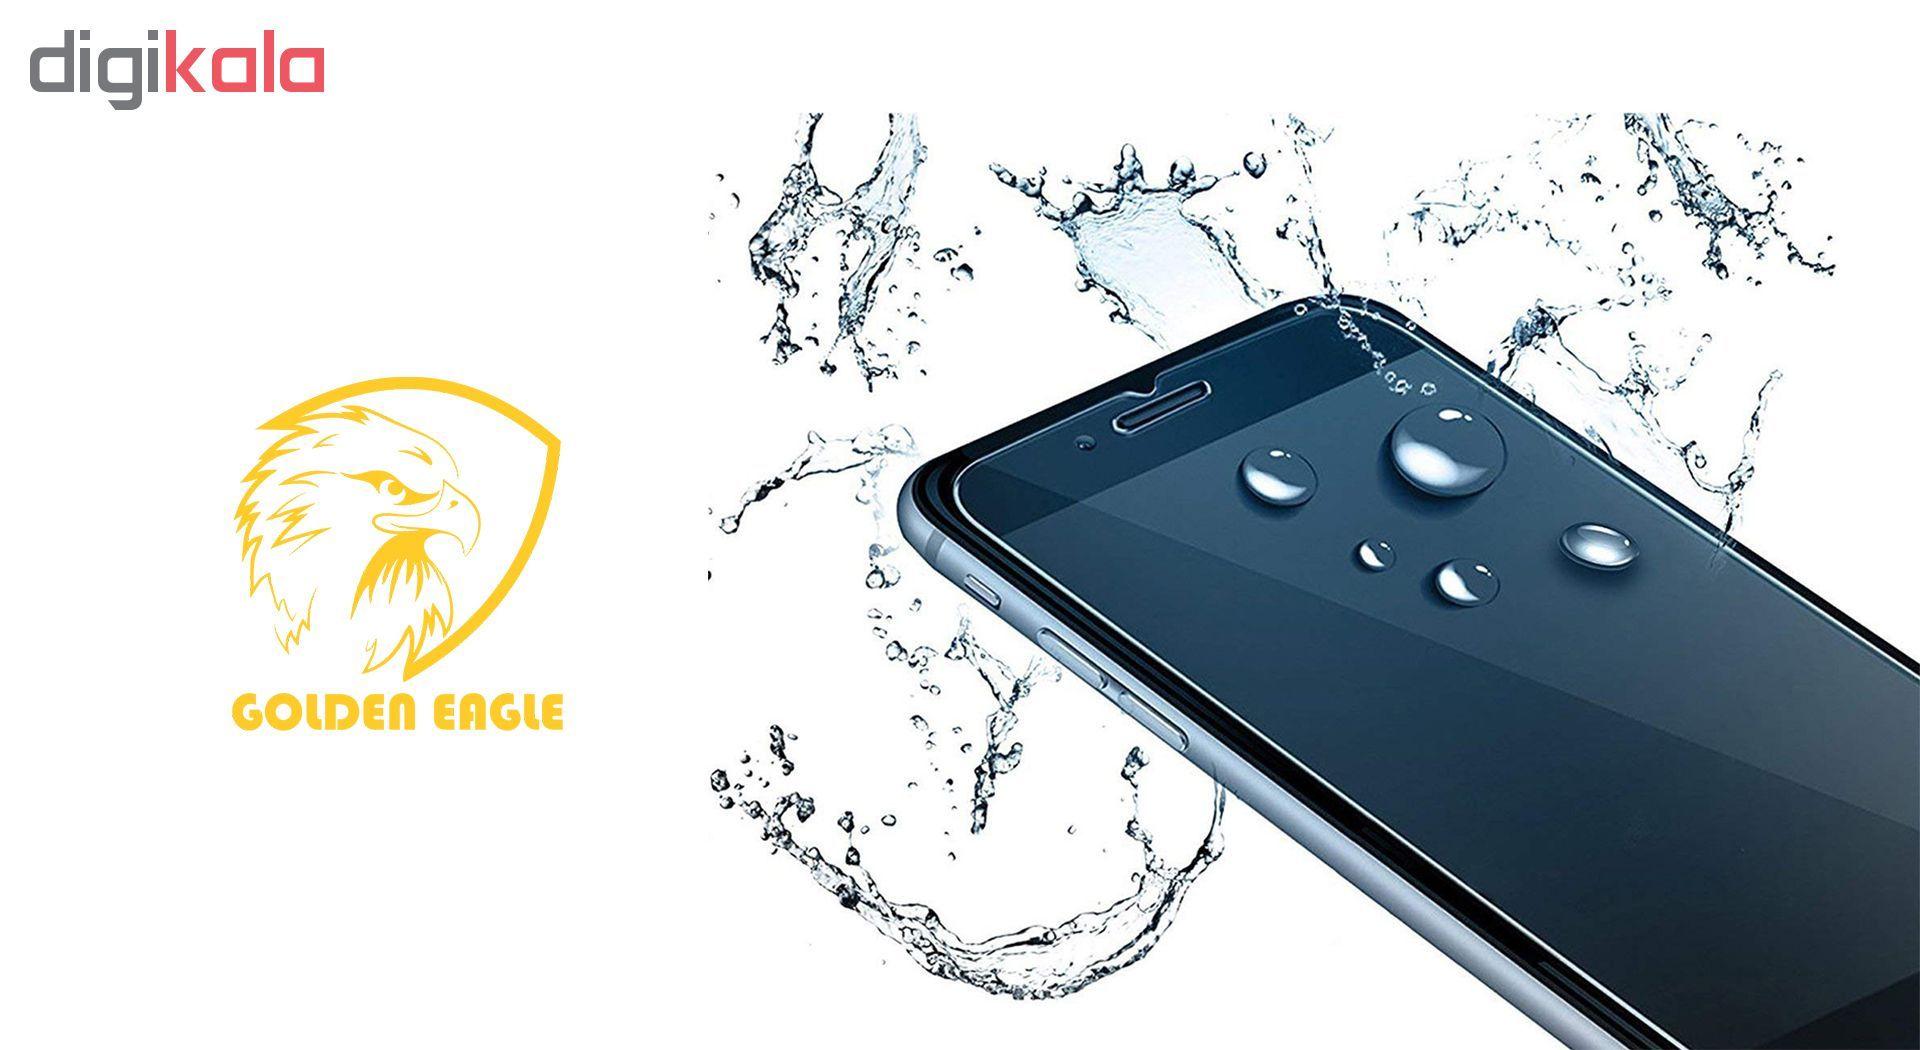 محافظ صفحه نمایش گلدن ایگل مدل Brilliant Shield مناسب برای گوشی اپل آیفون 7/8 پلاس main 1 5